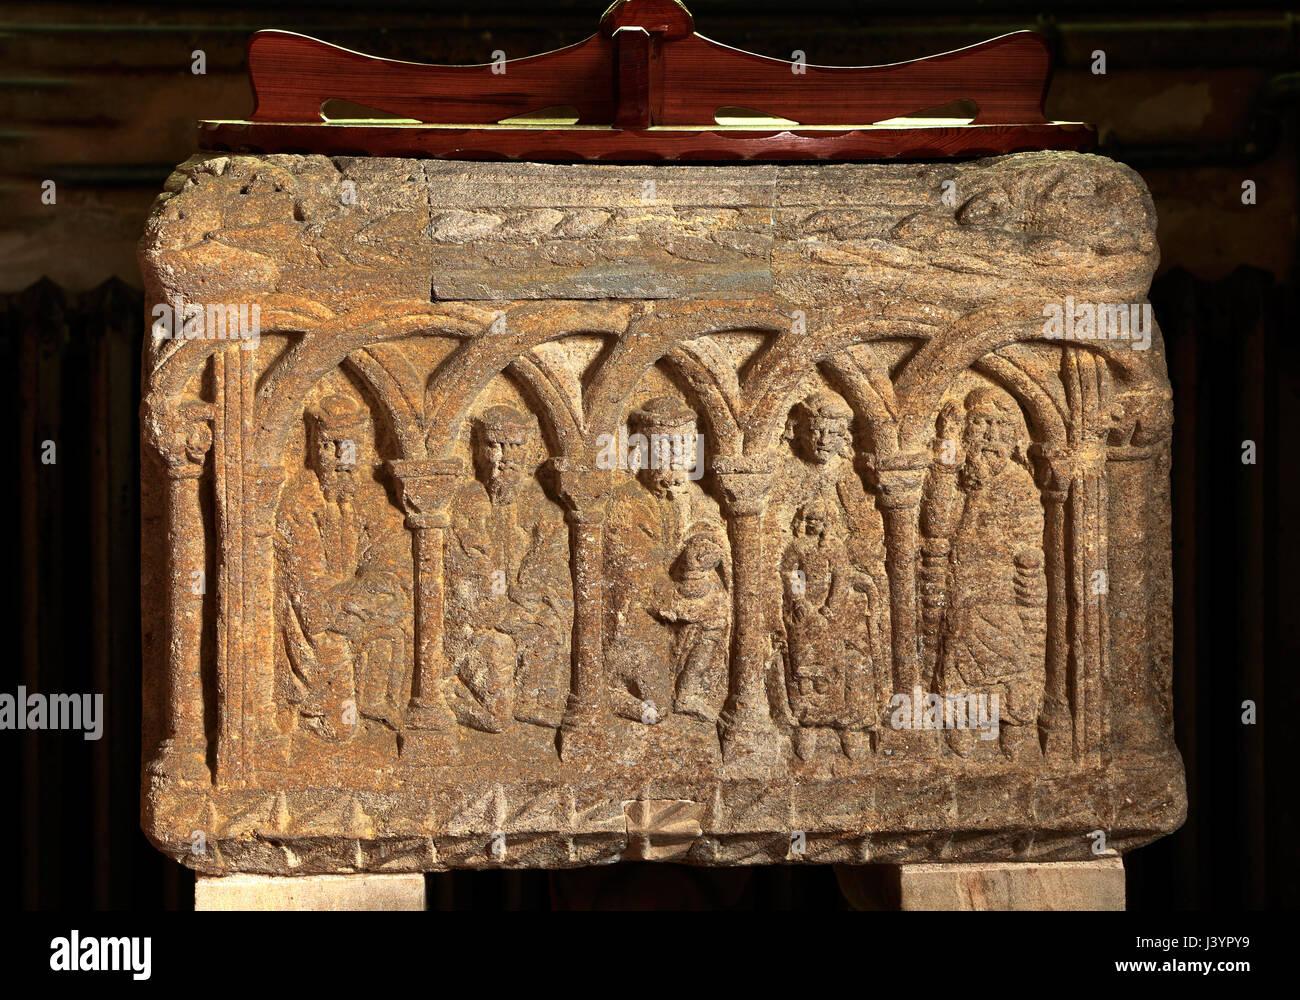 Sculthorpe chiesa, normanni del XII secolo Font, Adorazione dei Magi, sculture in pietra in incastro archi romanici, Immagini Stock